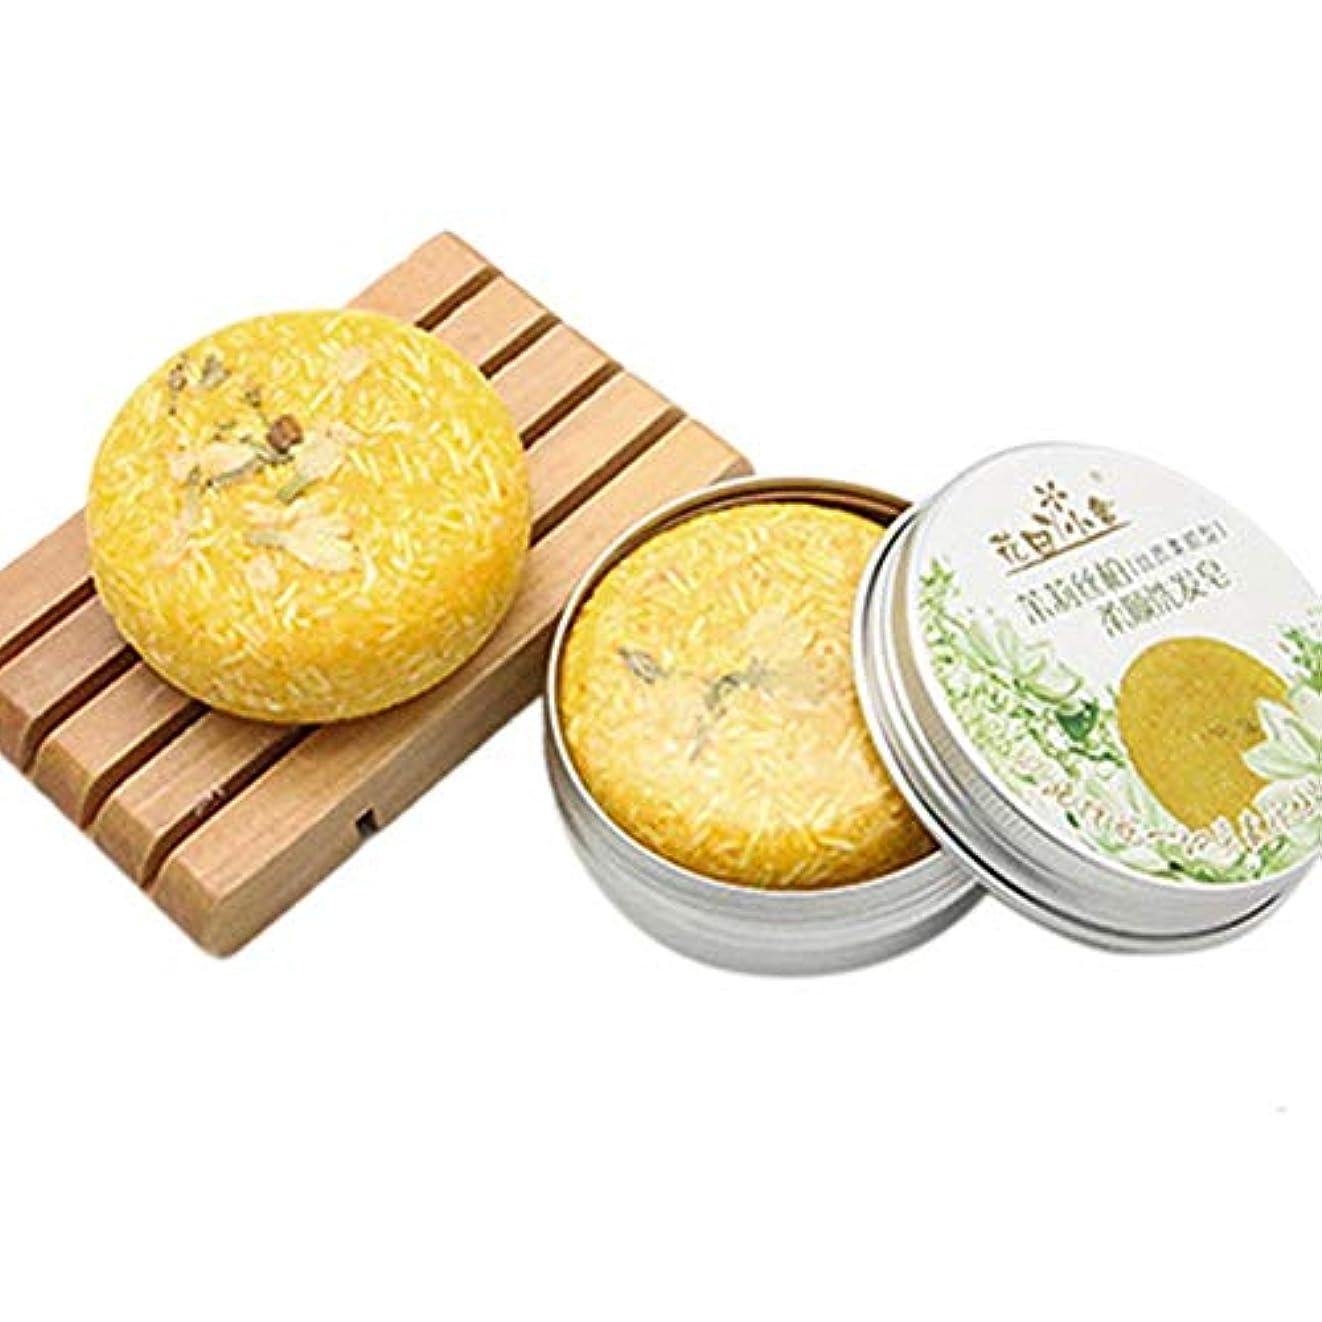 チューブ霧ペンローズマリーシャンプー石鹸、スカルプラベンダー植物油ヘアケアシャンプー、アルミボックス包装